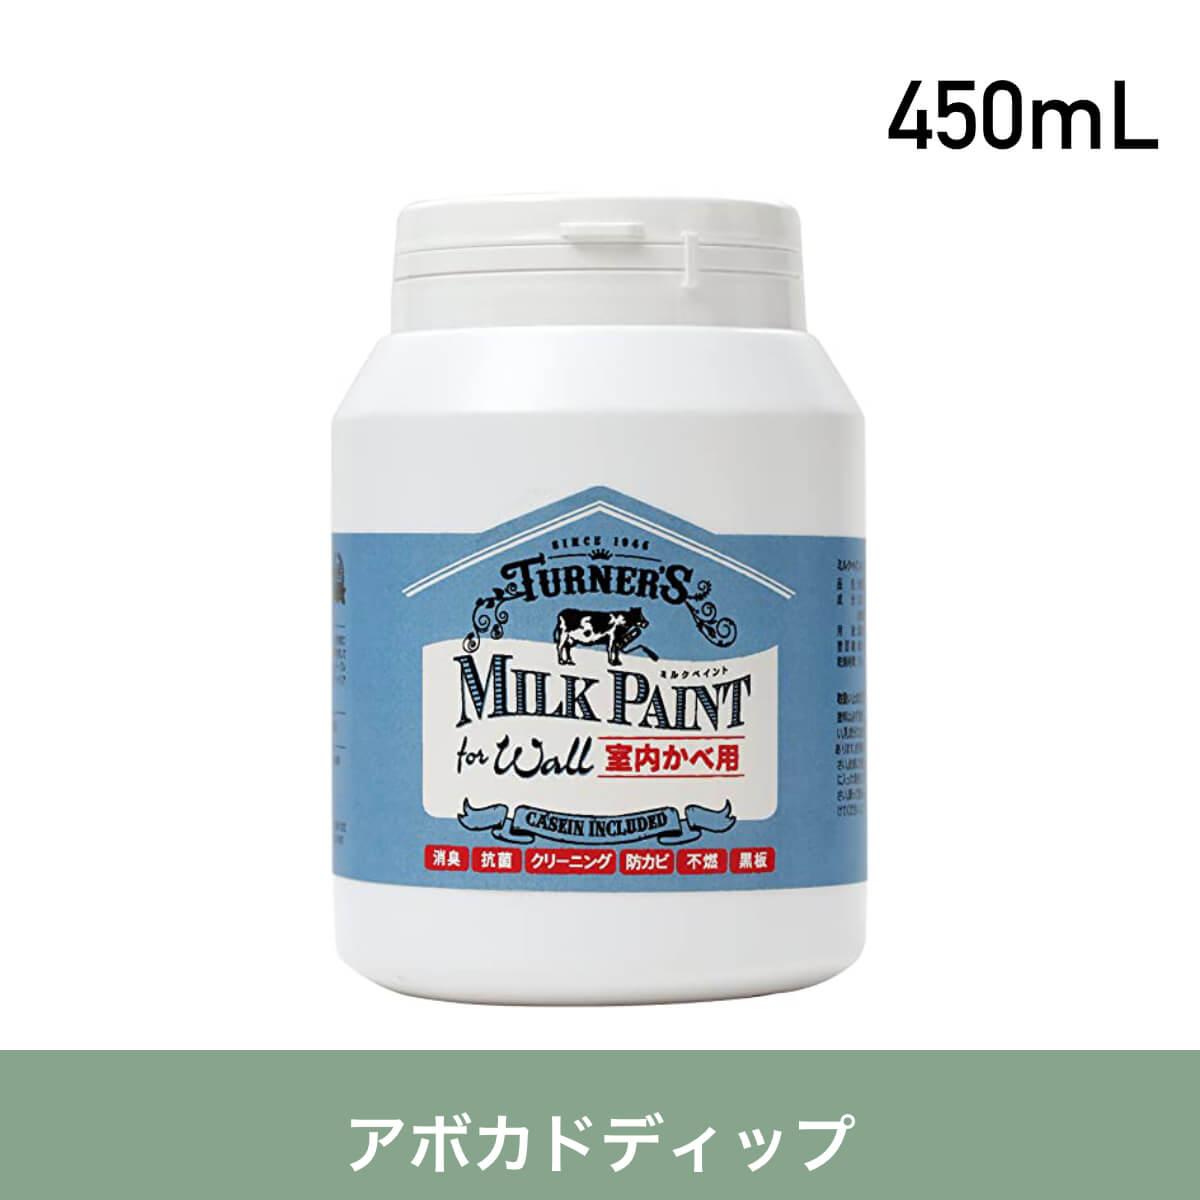 ミルクペイント 室内壁用塗料 アボカドディップ 450ml